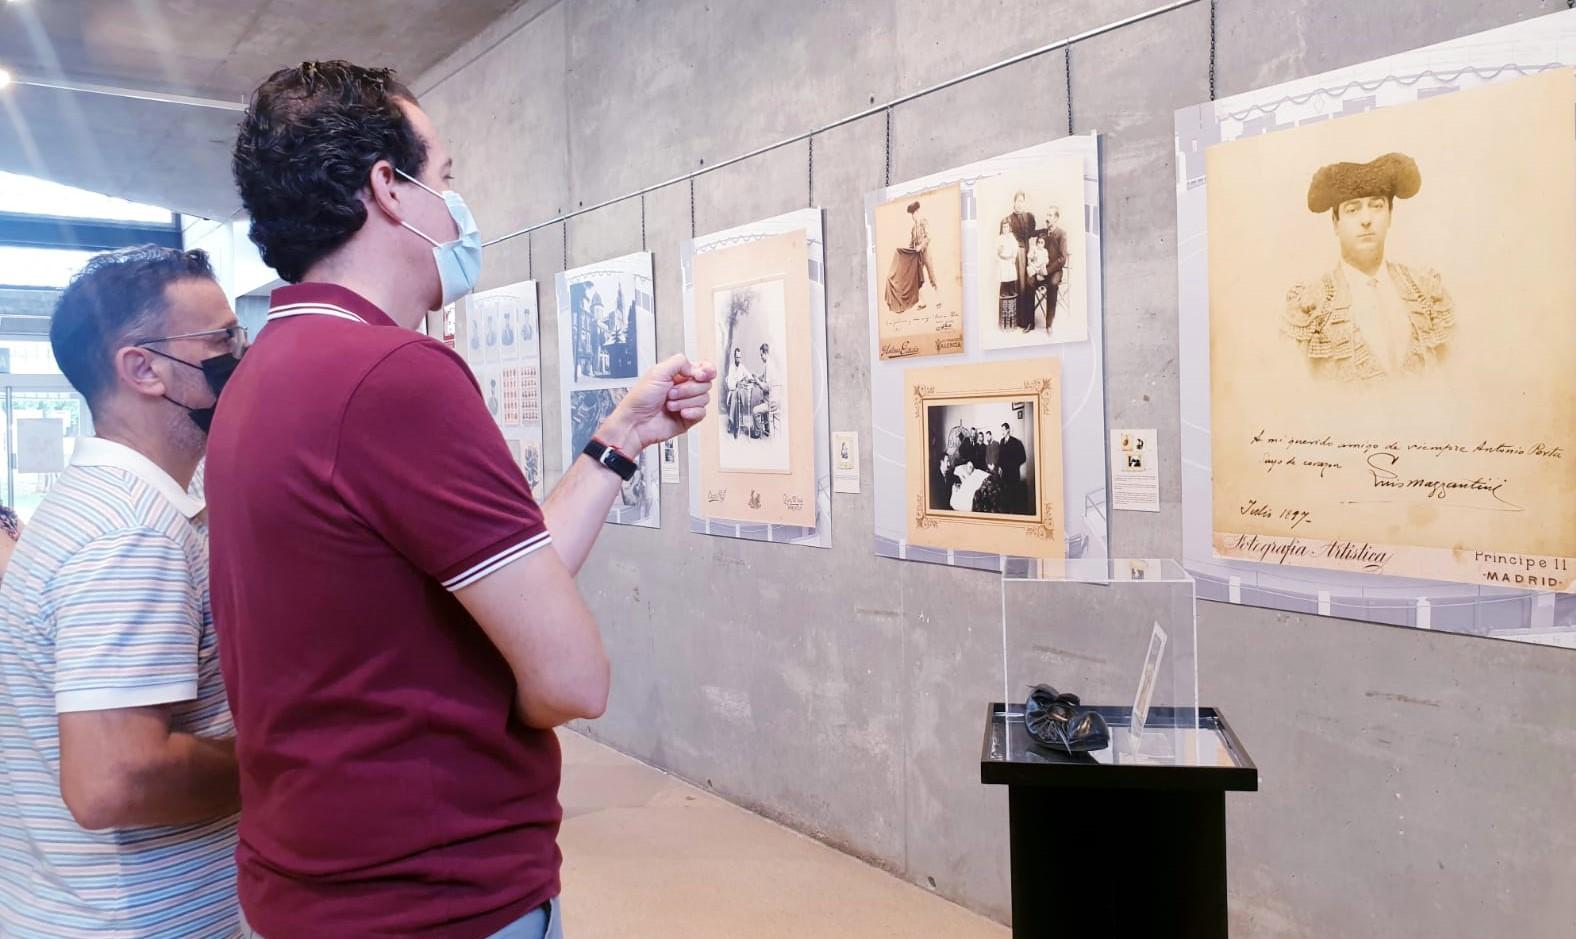 El Museo del Calzado acoge una muestra fotográfica que realiza un recorrido por los 75 años de historia de la Plaza de Toros de Elda